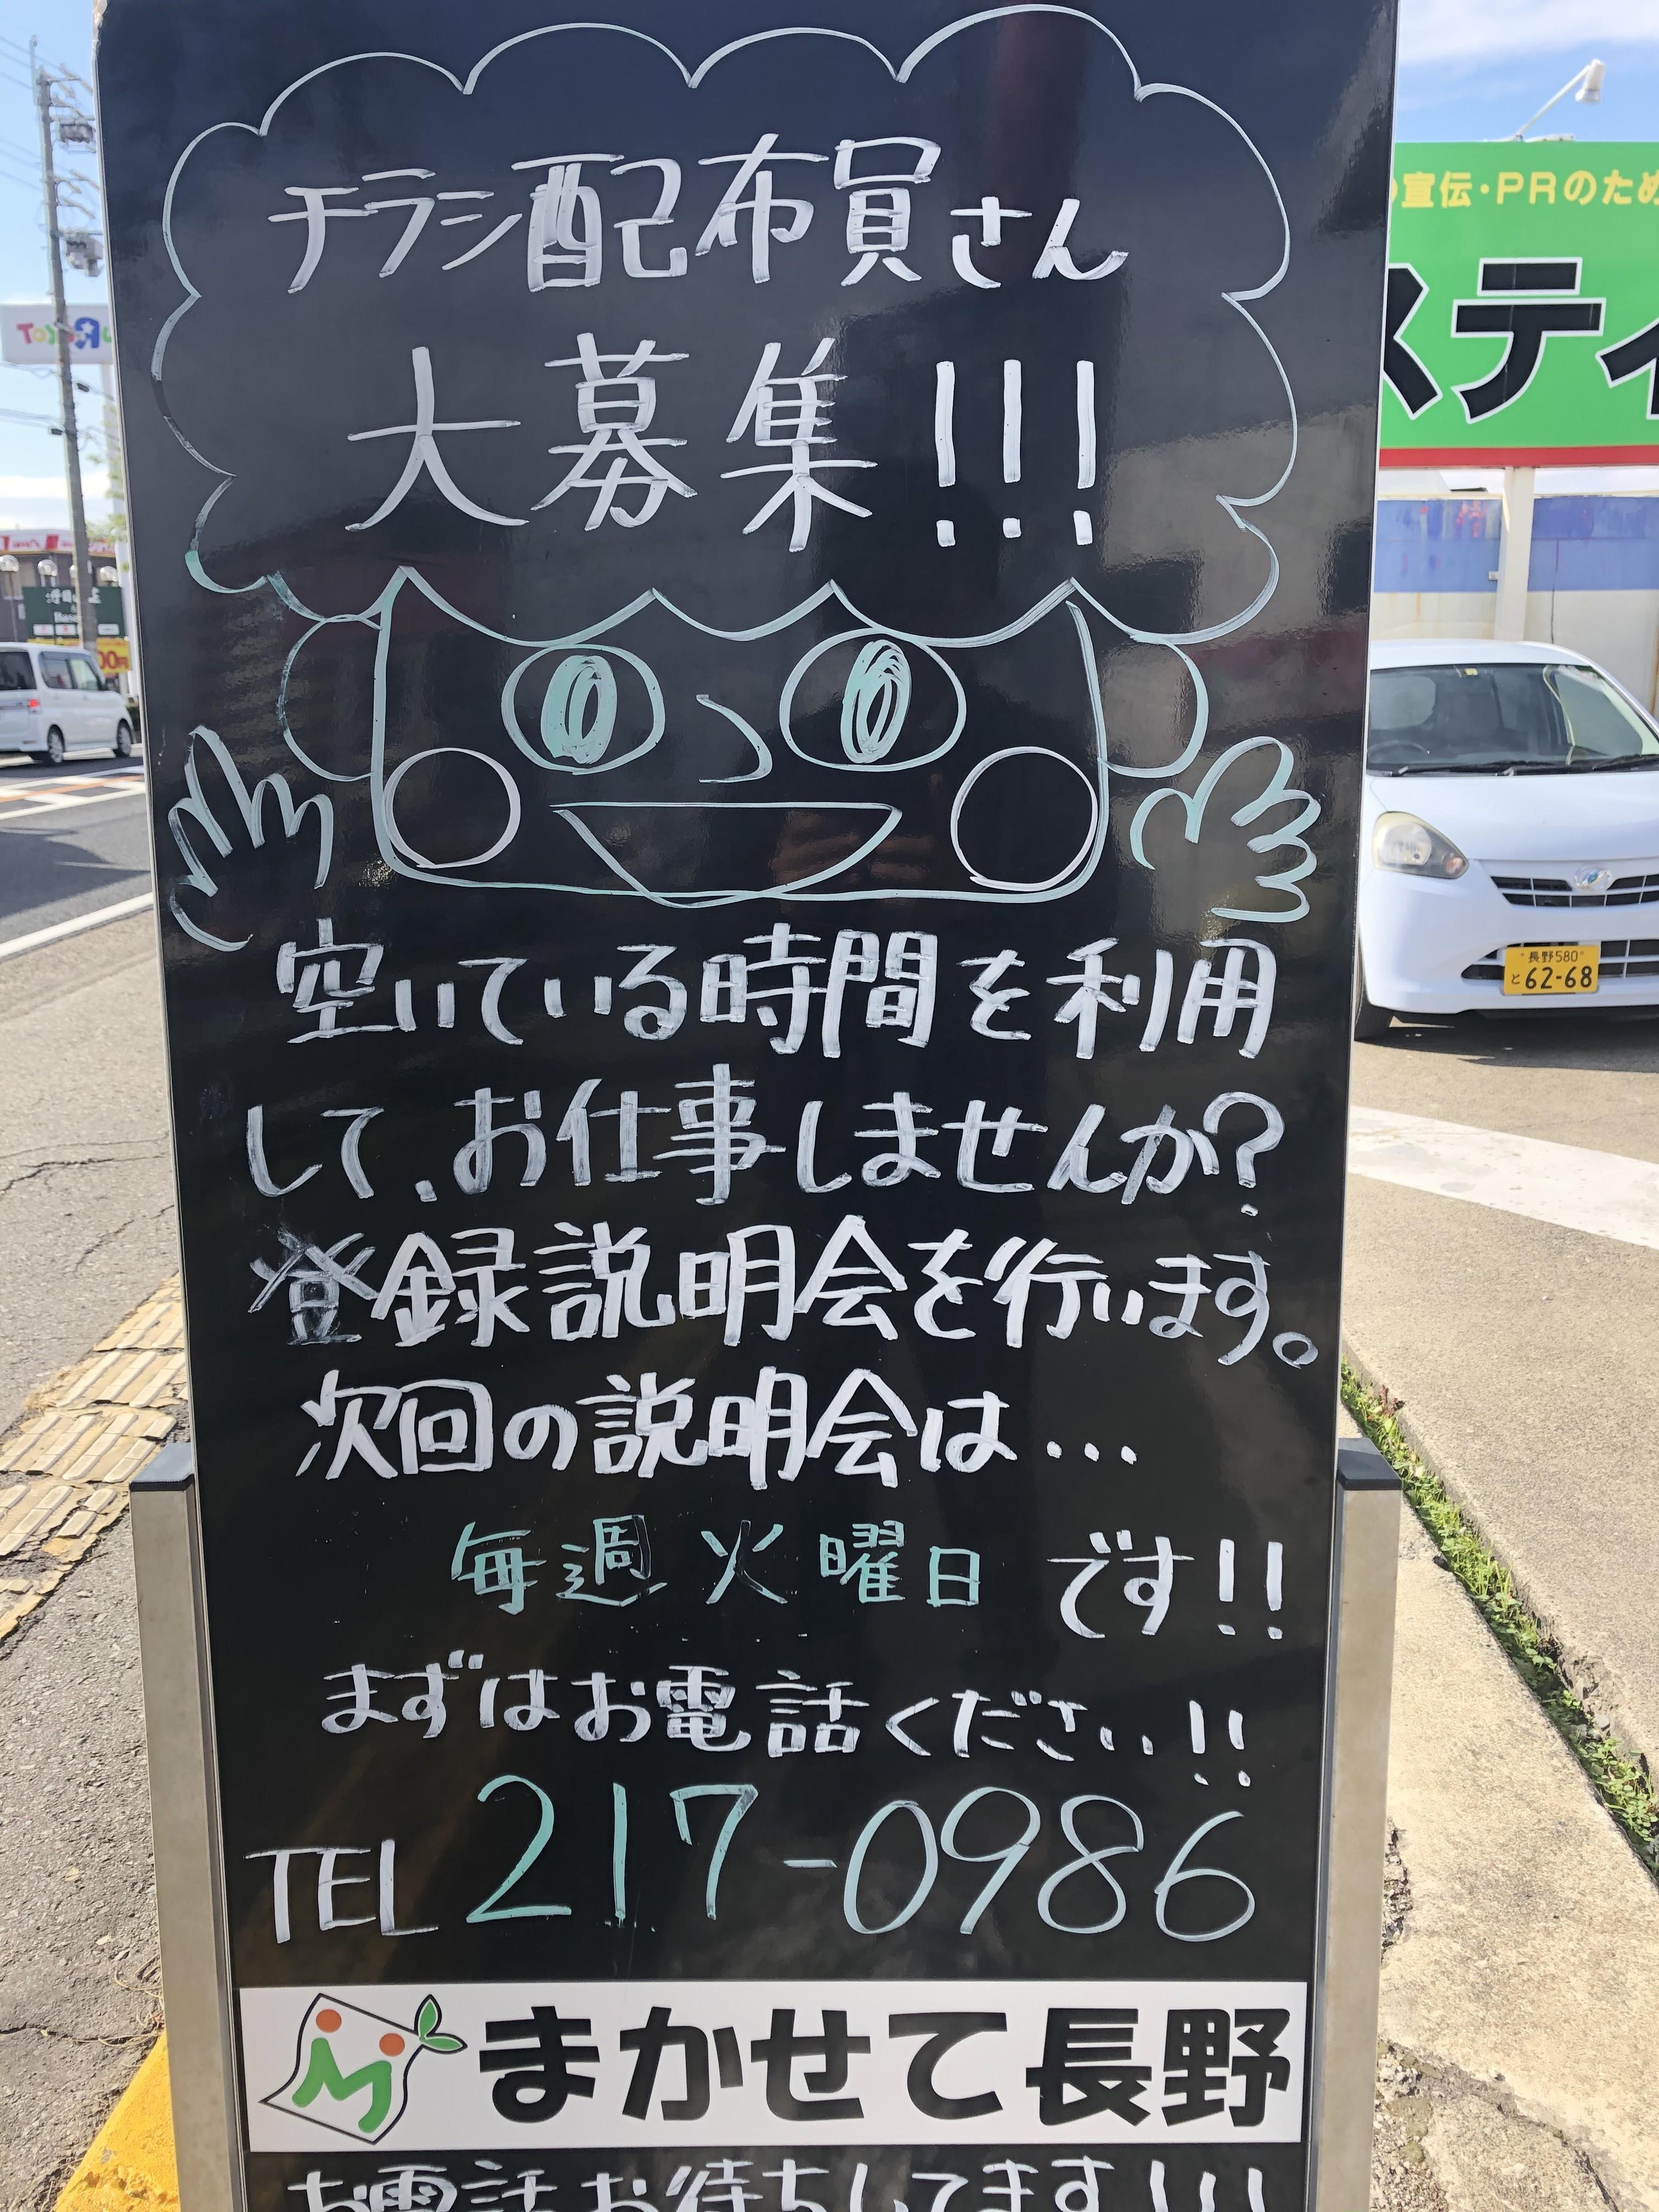 ポスティングのお仕事 流行中!?